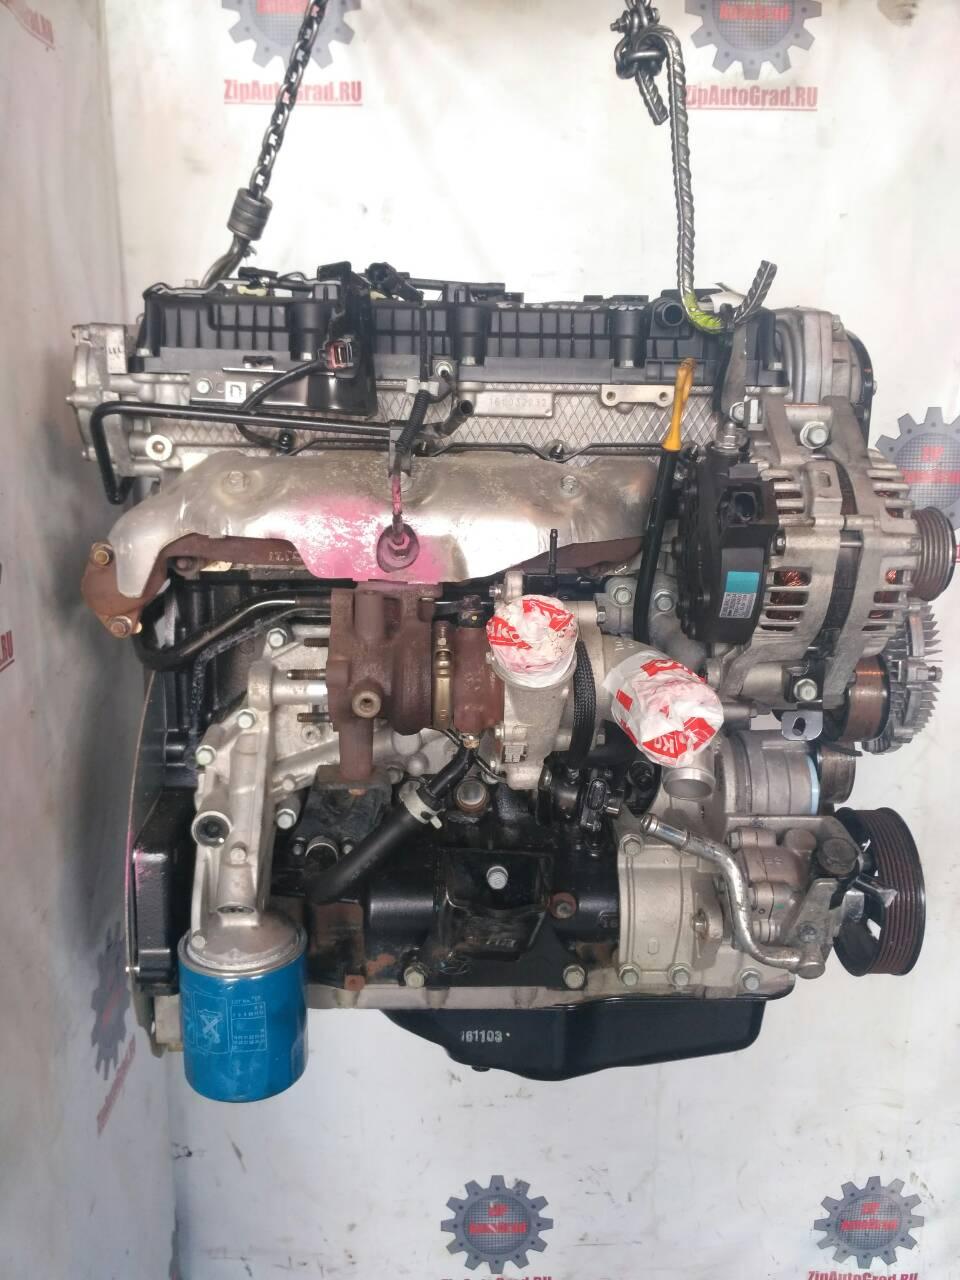 Двигатель Hyundai Porter. Кузов: 2. D4CB. , 2.5л.Дата выпуска: 2016.  фото 3